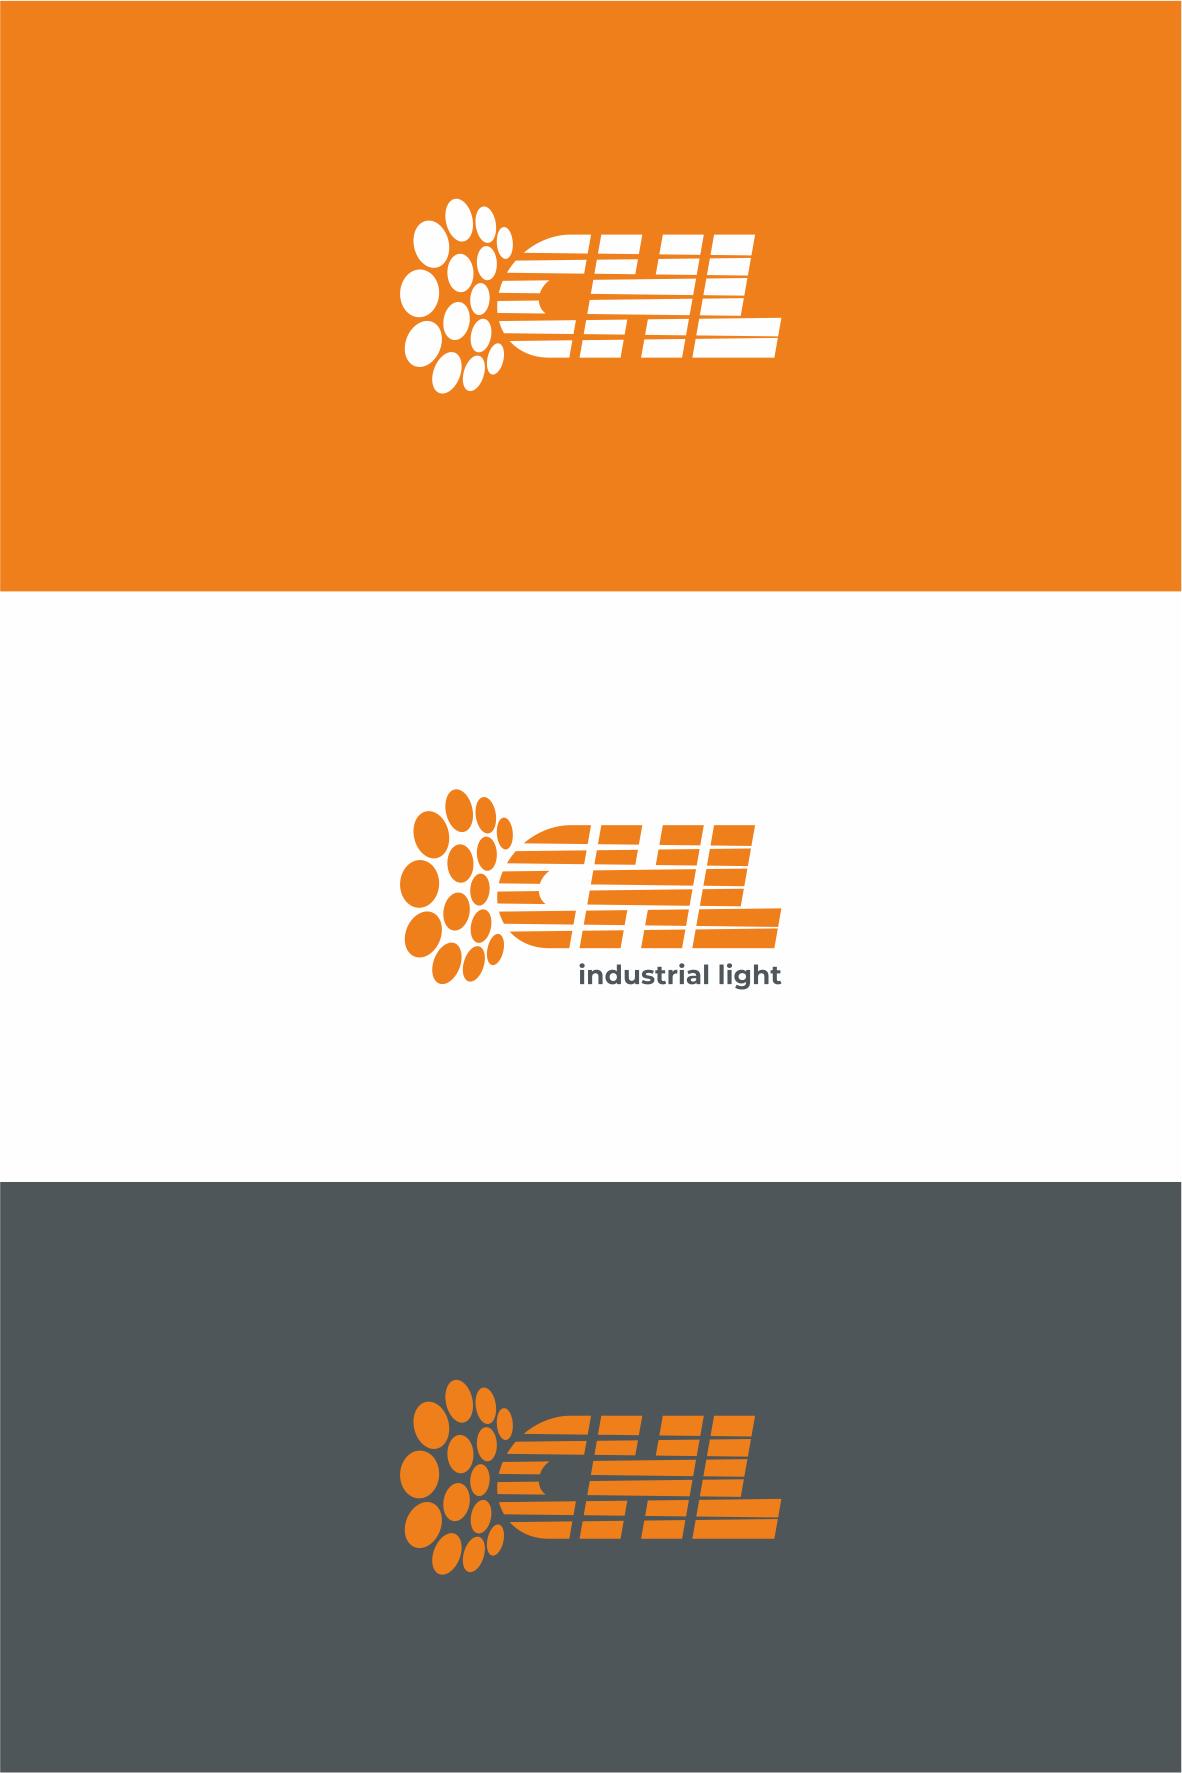 разработка логотипа для производителя фар фото f_3795f5dfc6cc6455.png